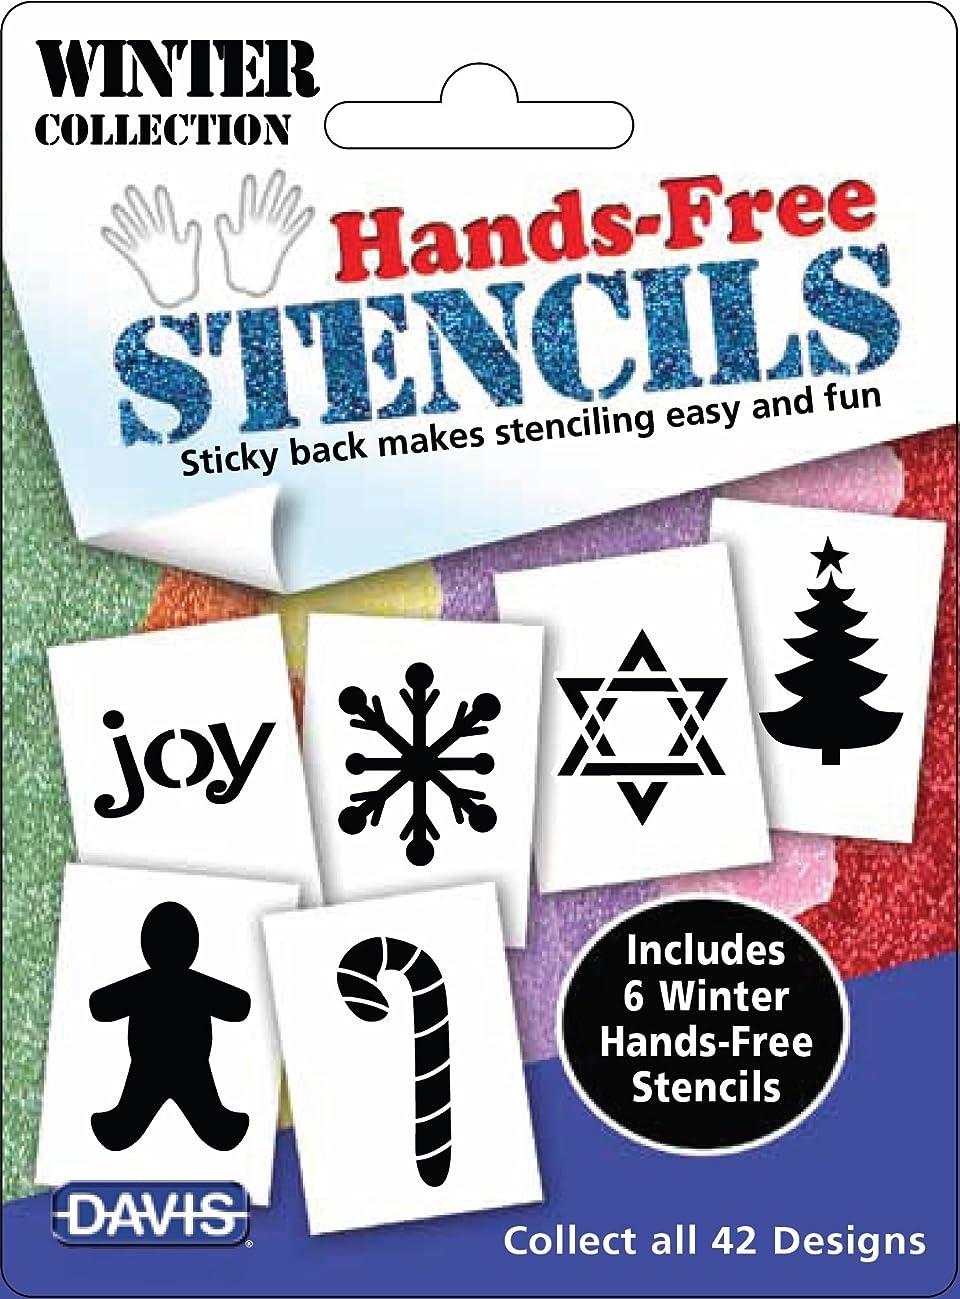 Davis Hands-Free Stencils